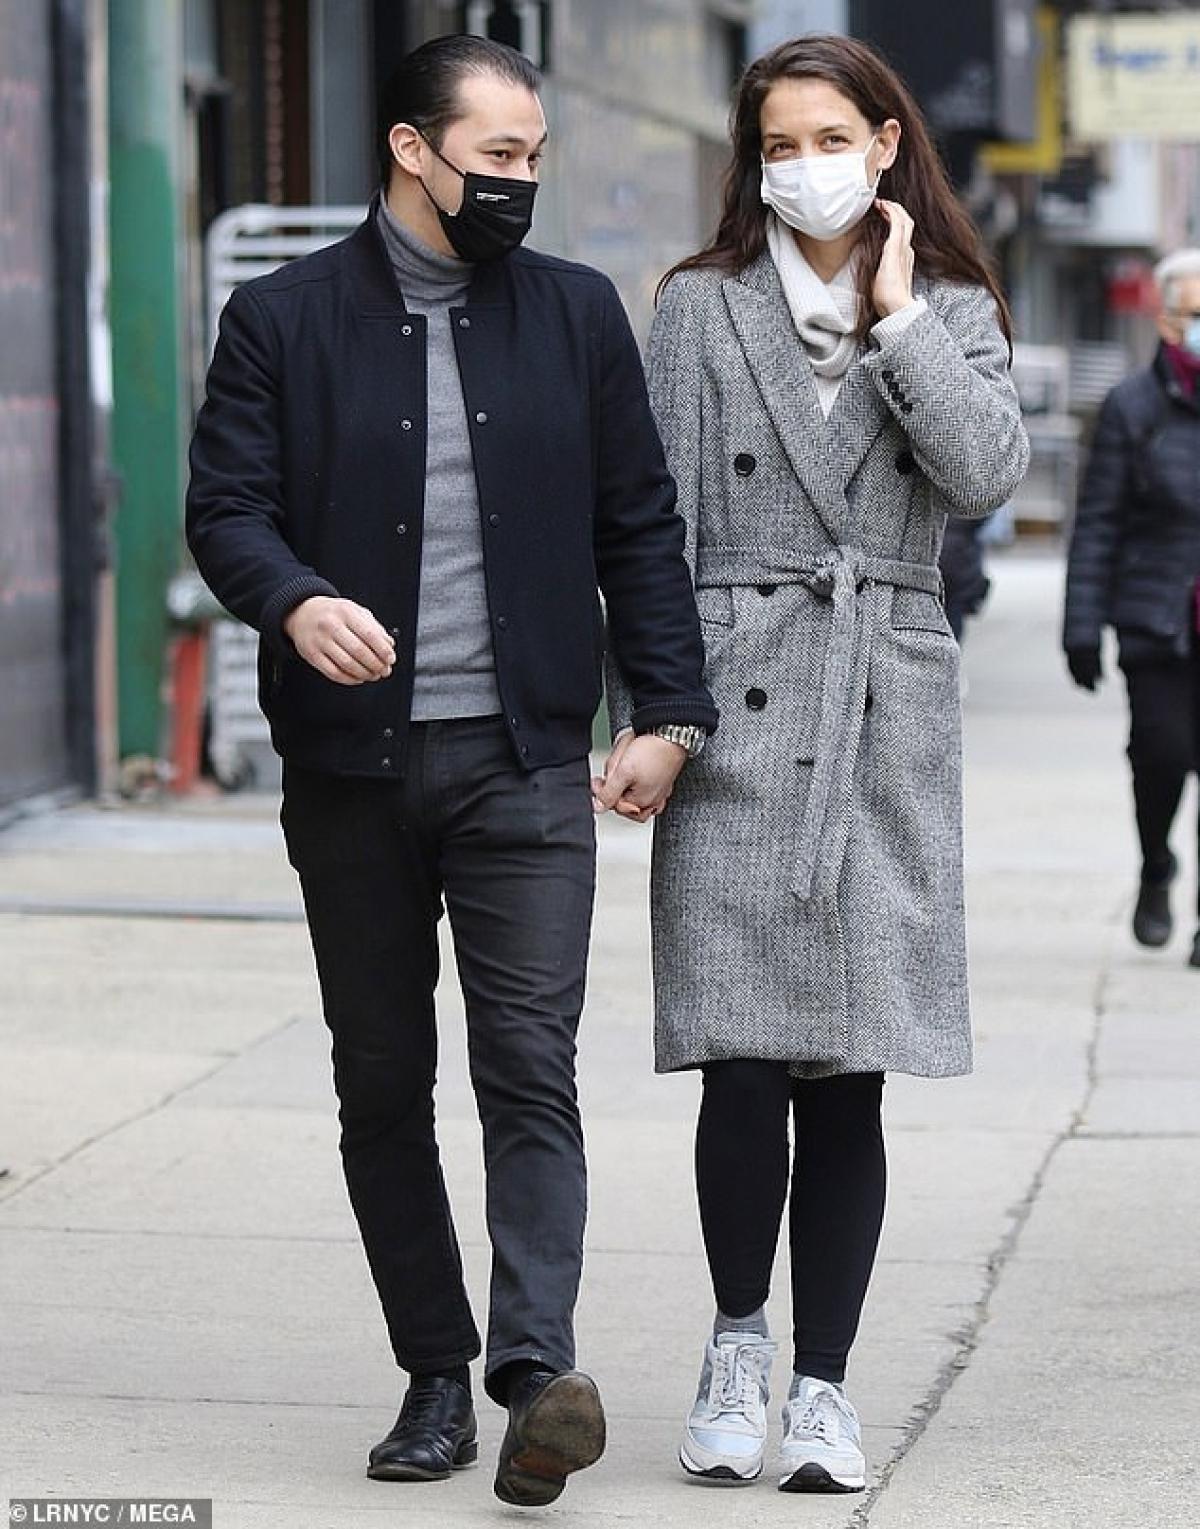 Katie Holmes điệu đà ra phố sau khi tình cũ bị bắt gặp đi chơi cùng người đẹp Zoe Kravitz Ảnh 5